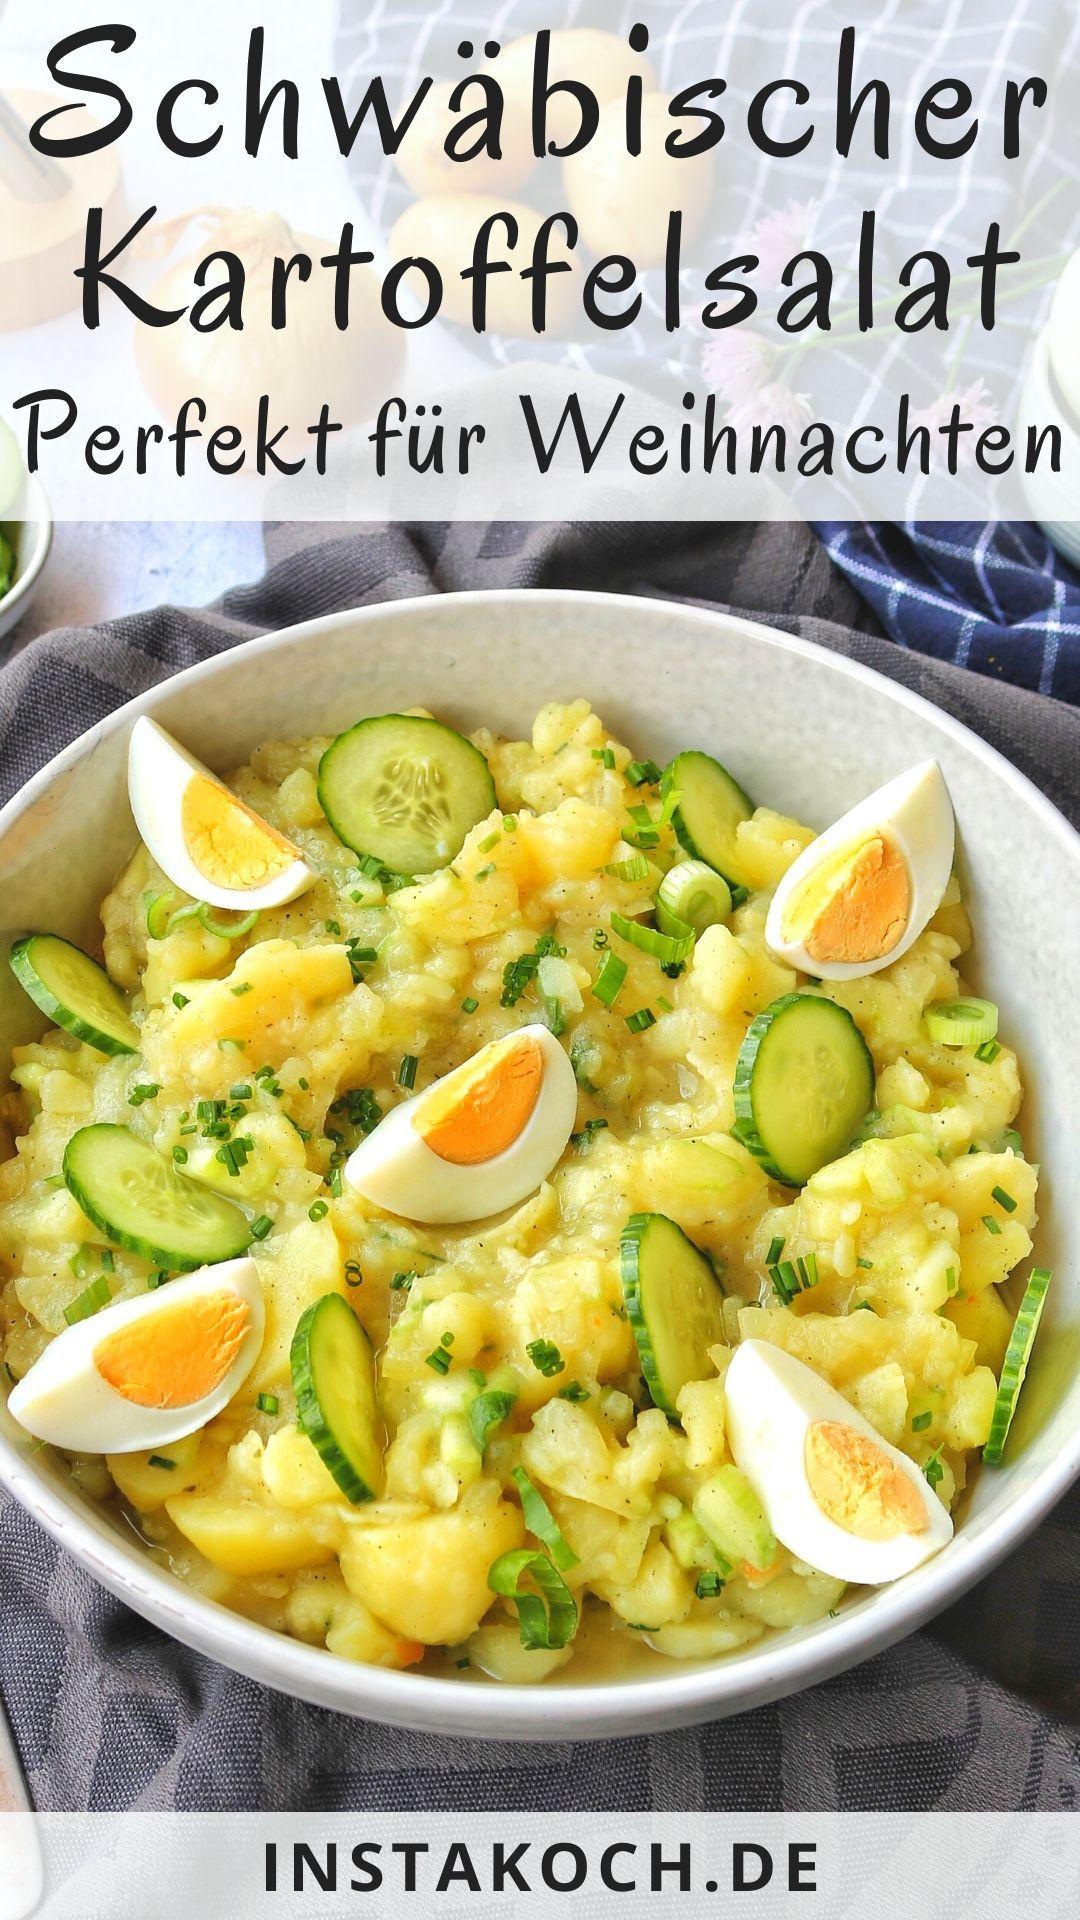 Schwäbischer Kartoffelsalat - Einfach lecker kalorienarm #dishesfordinner